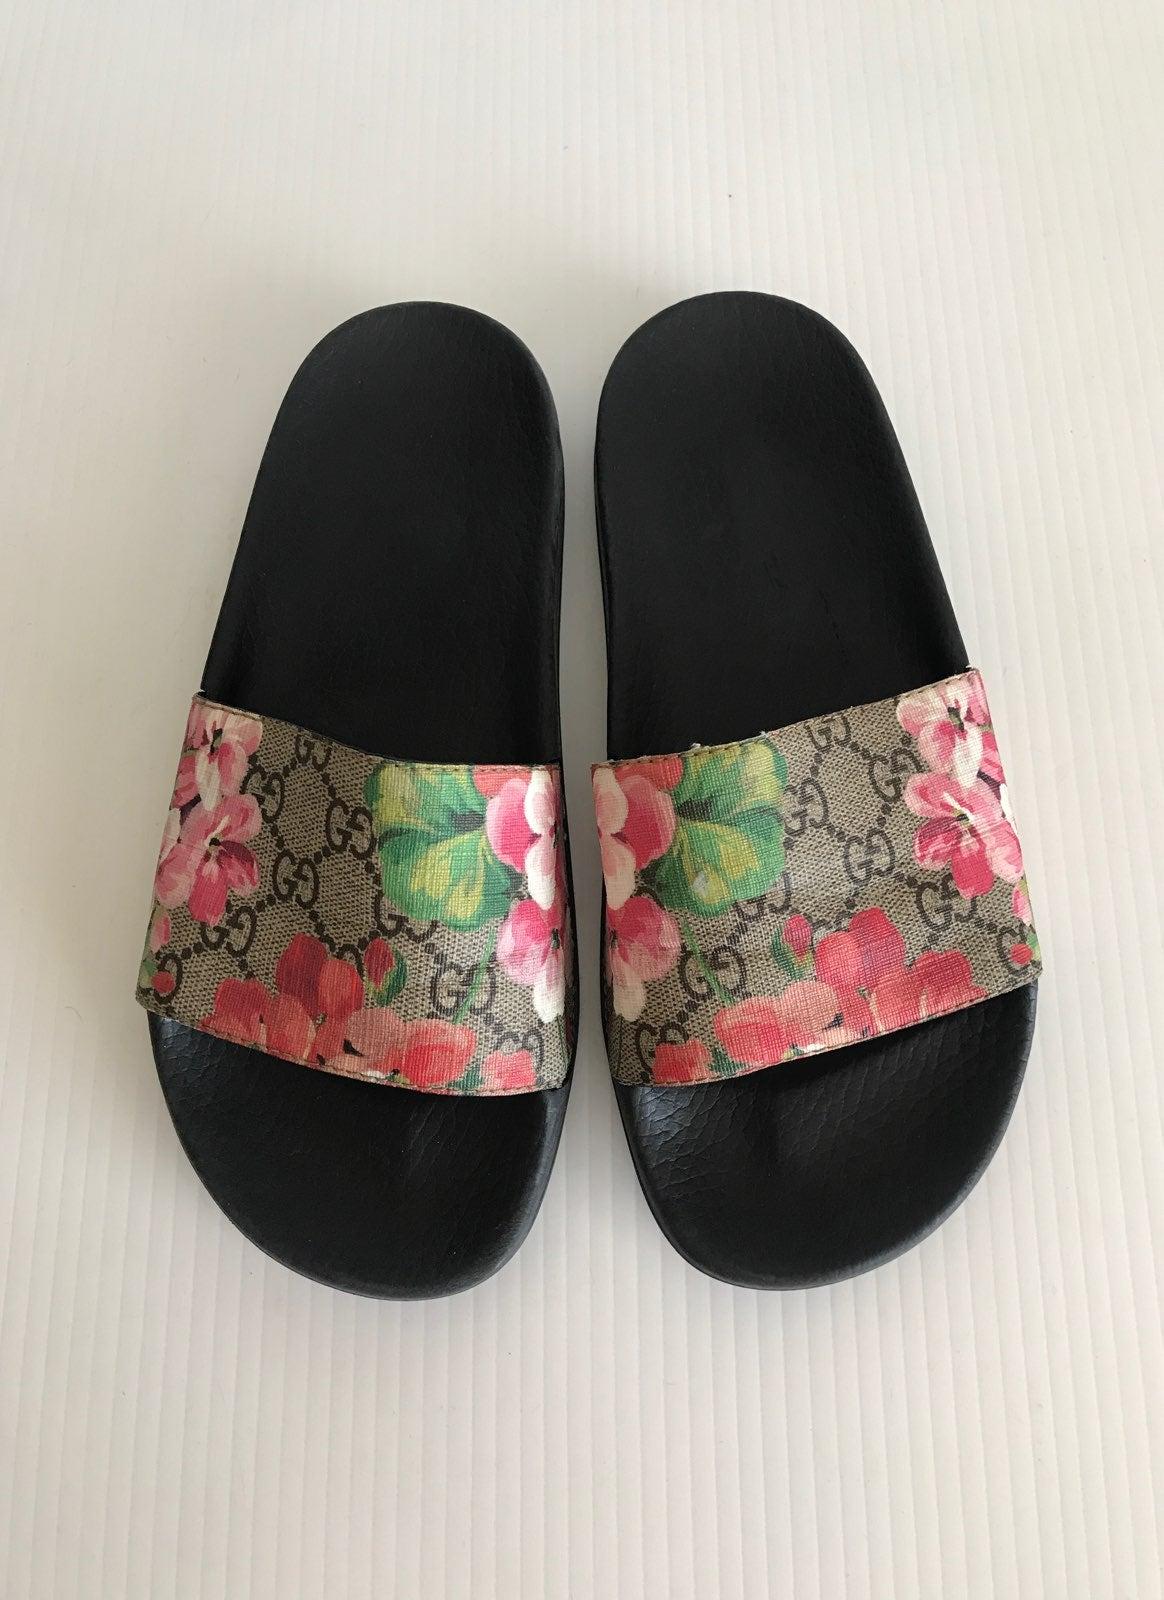 Gucci GG Blooms Pursuit Slide Sandal 8US